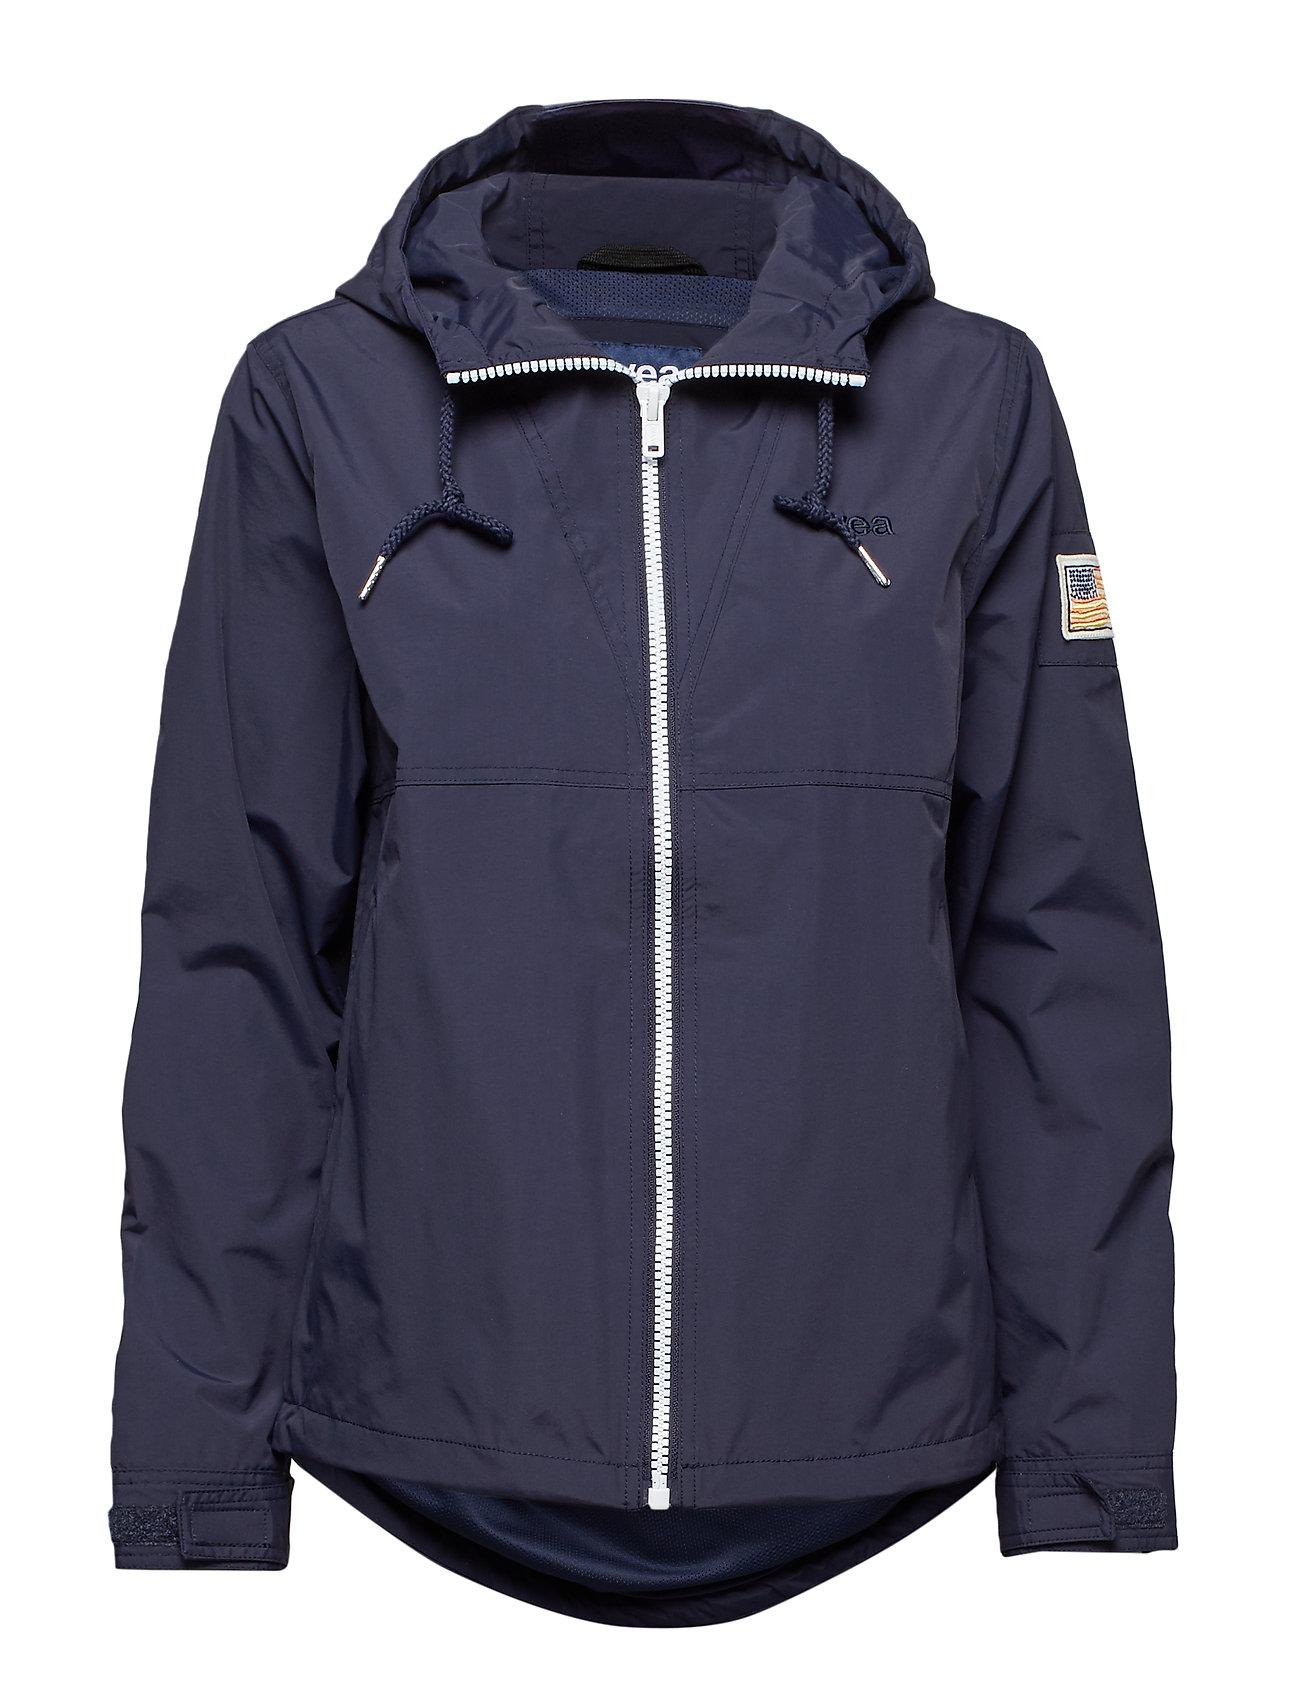 Svea Dublin Jacket - NAVY